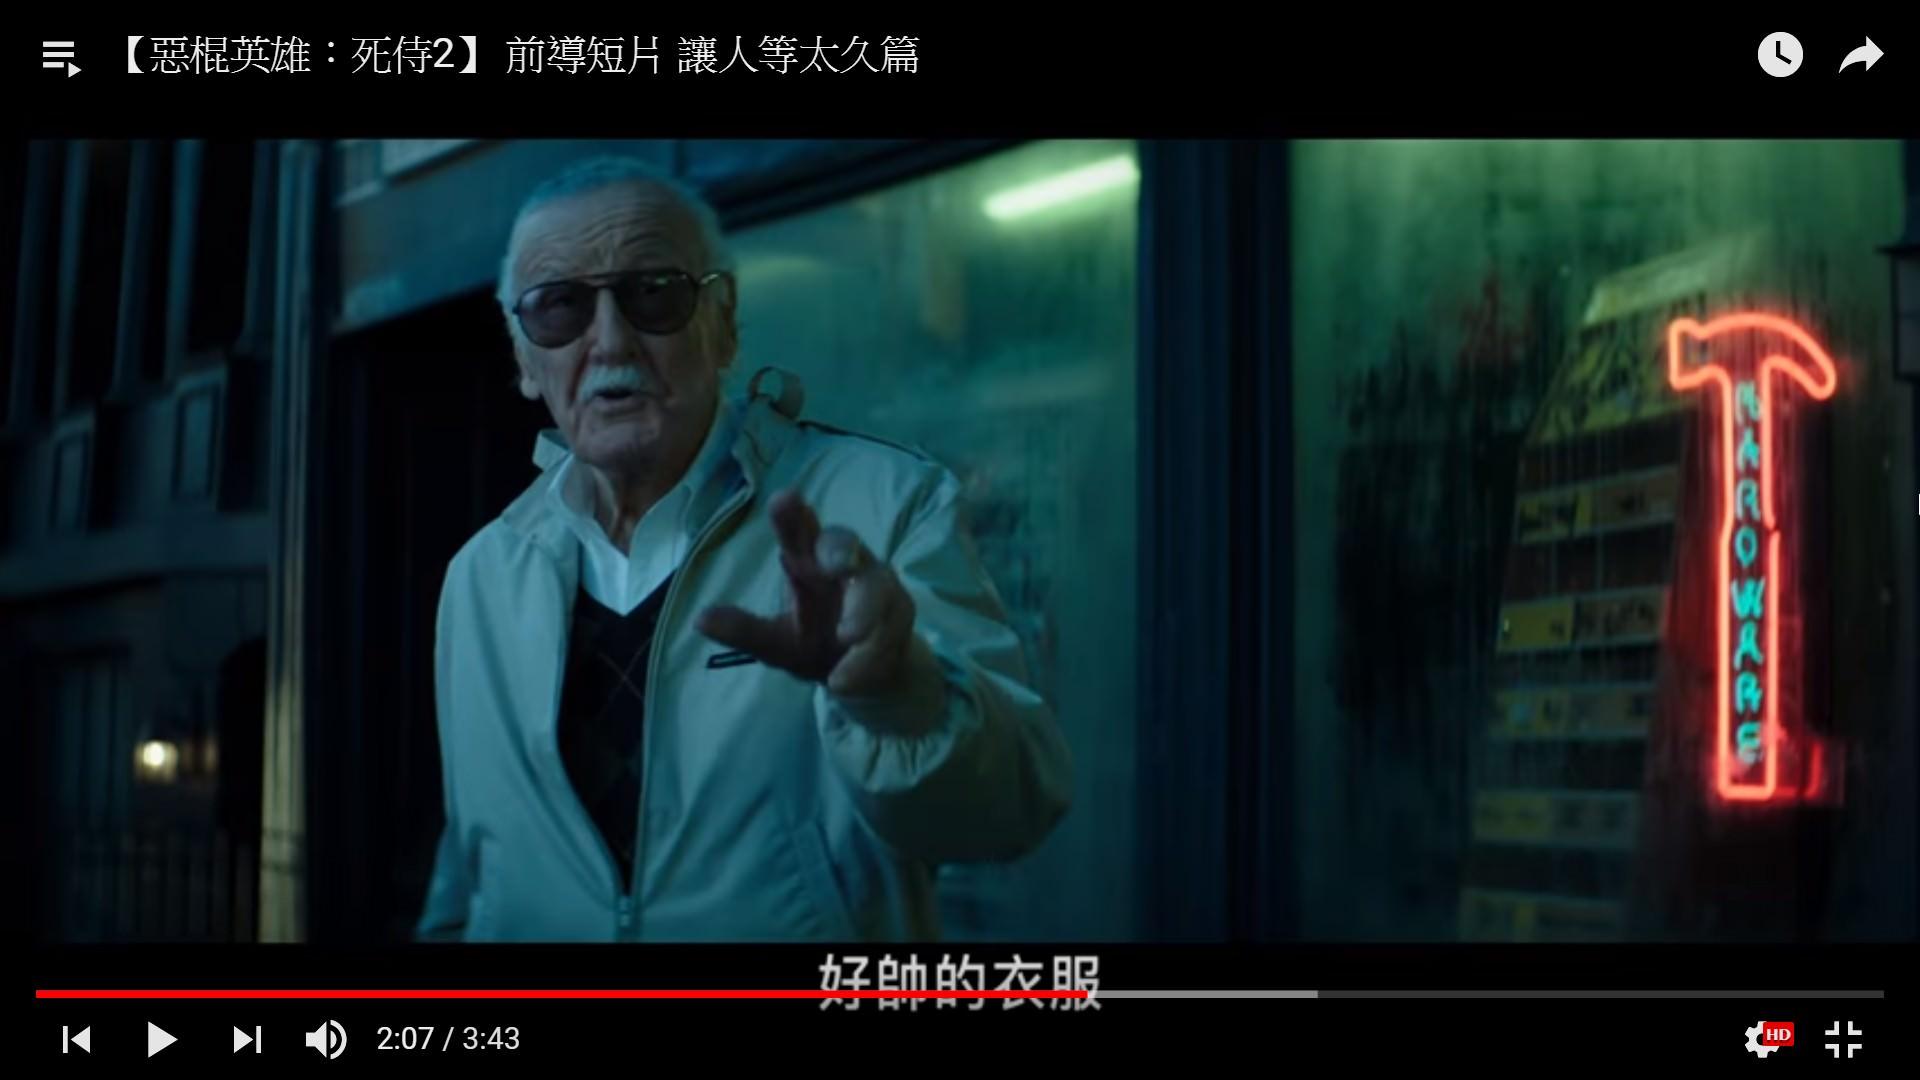 Movie, Deadpool 2(美國) / 死侍2(台.中.港), 前導短片